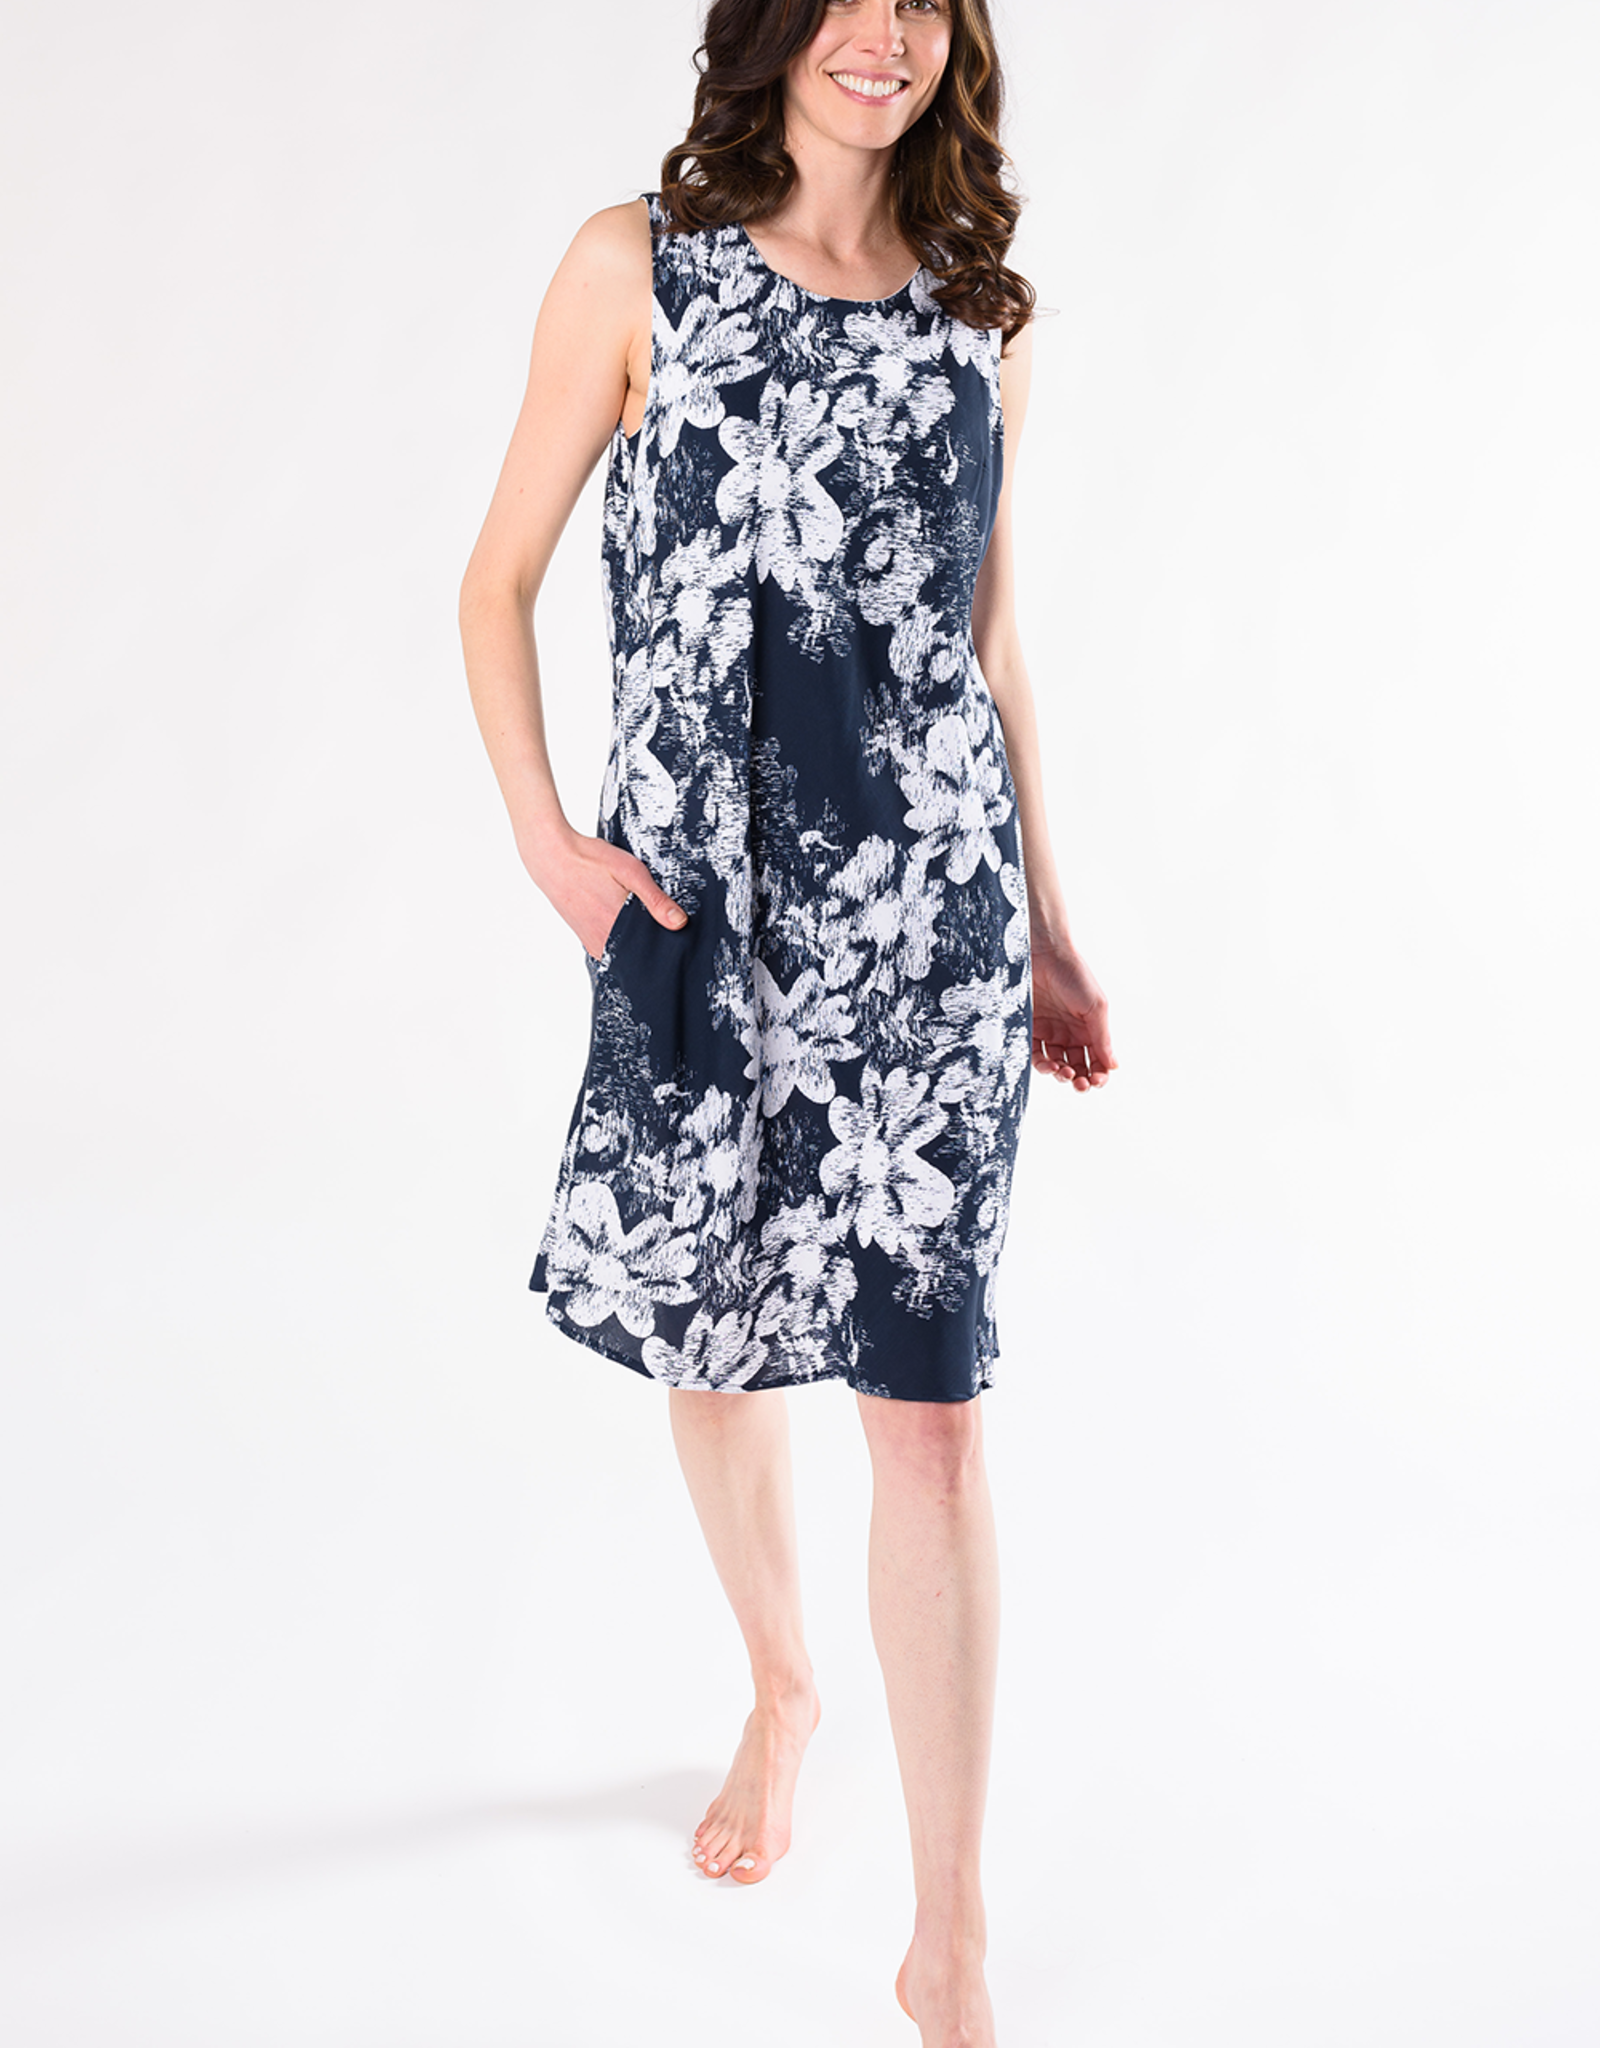 Terrera June Floral Print Dress